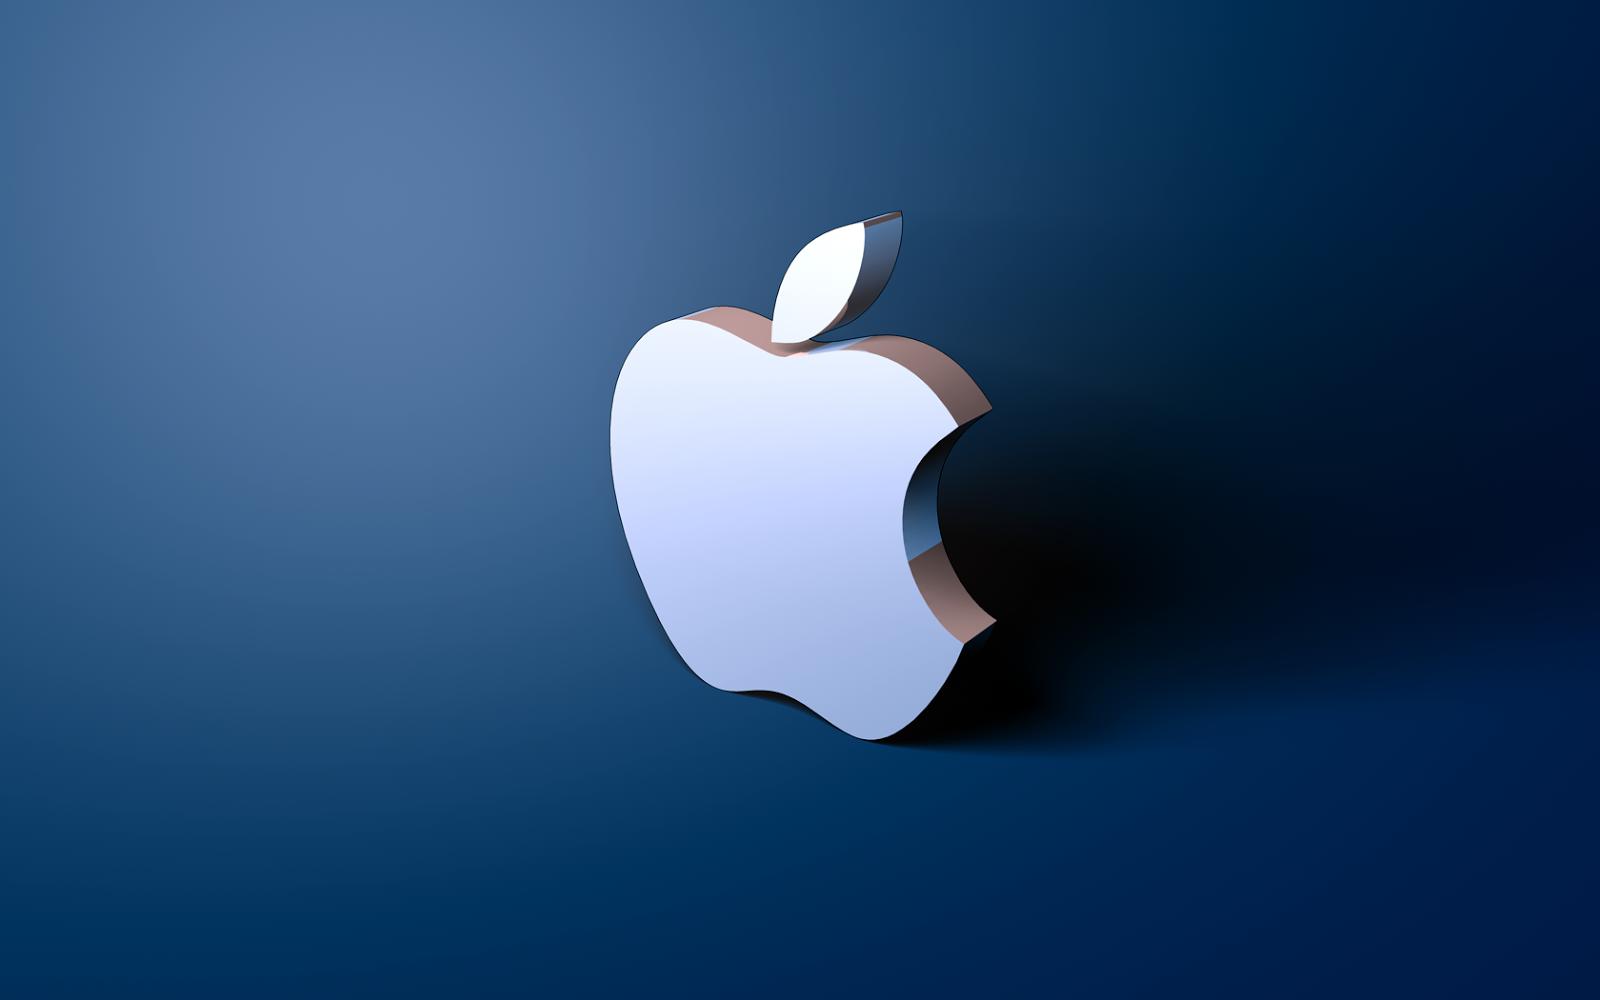 Hd Apple Wallpaper Hd wallpapers 1080p apple 1600x1000